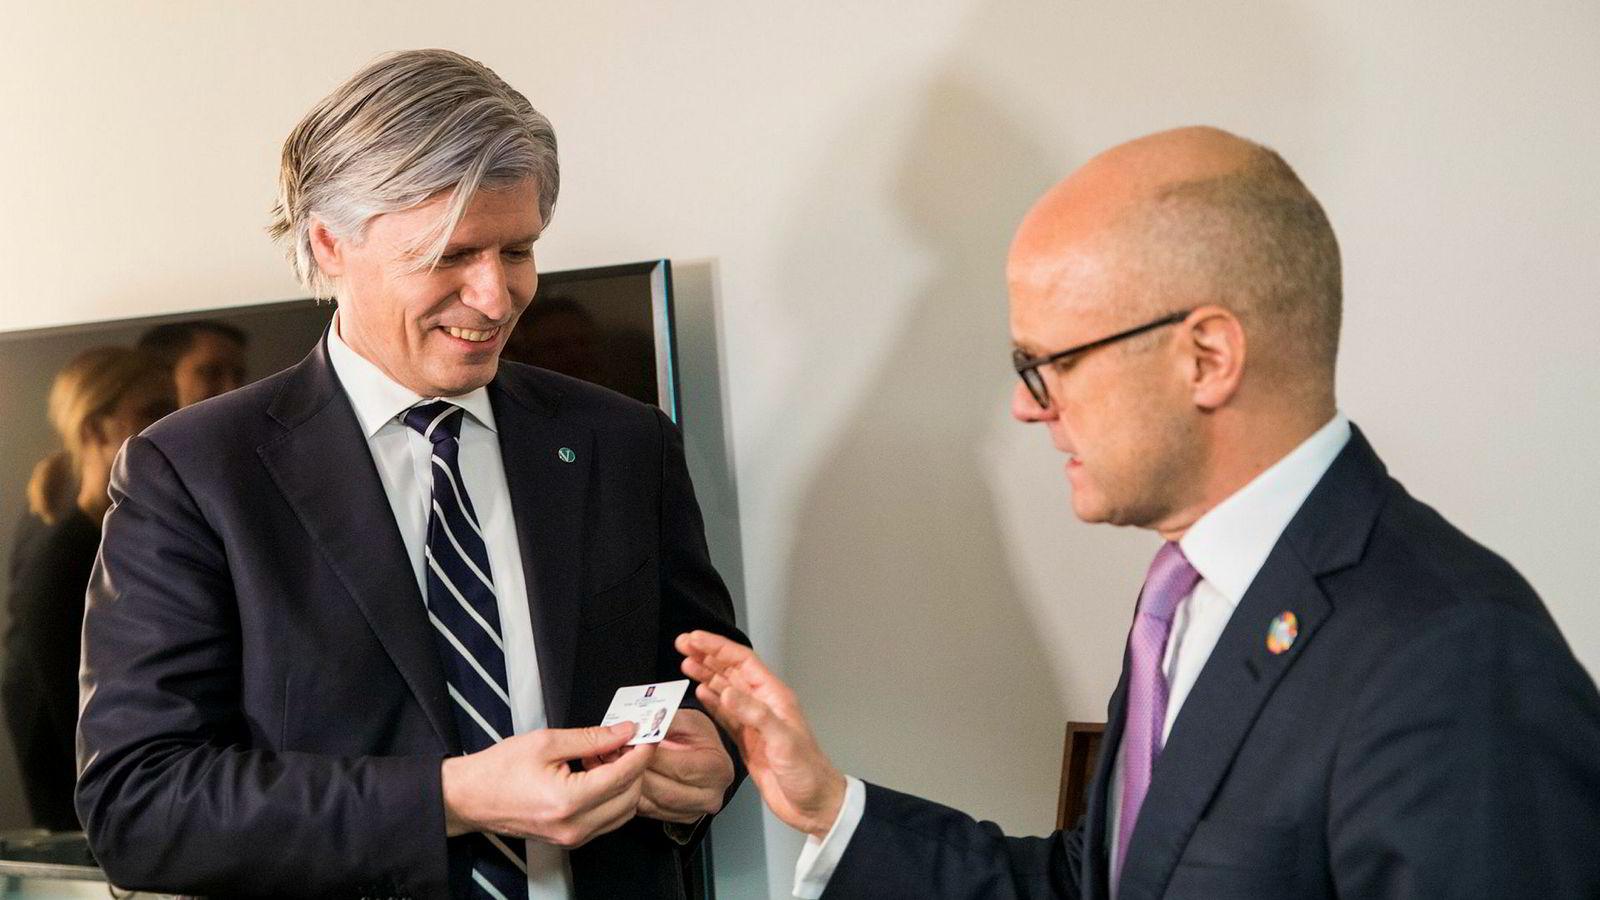 I januar gikk Høyres Vidar Helgesen (til høyre) av som klima- og miljøminister og overlot adgangskortet til Venstres Ola Elvestuen. Denne uken har vist at han også etterlot seg to viktige føringer for norsk klimapolitikk.